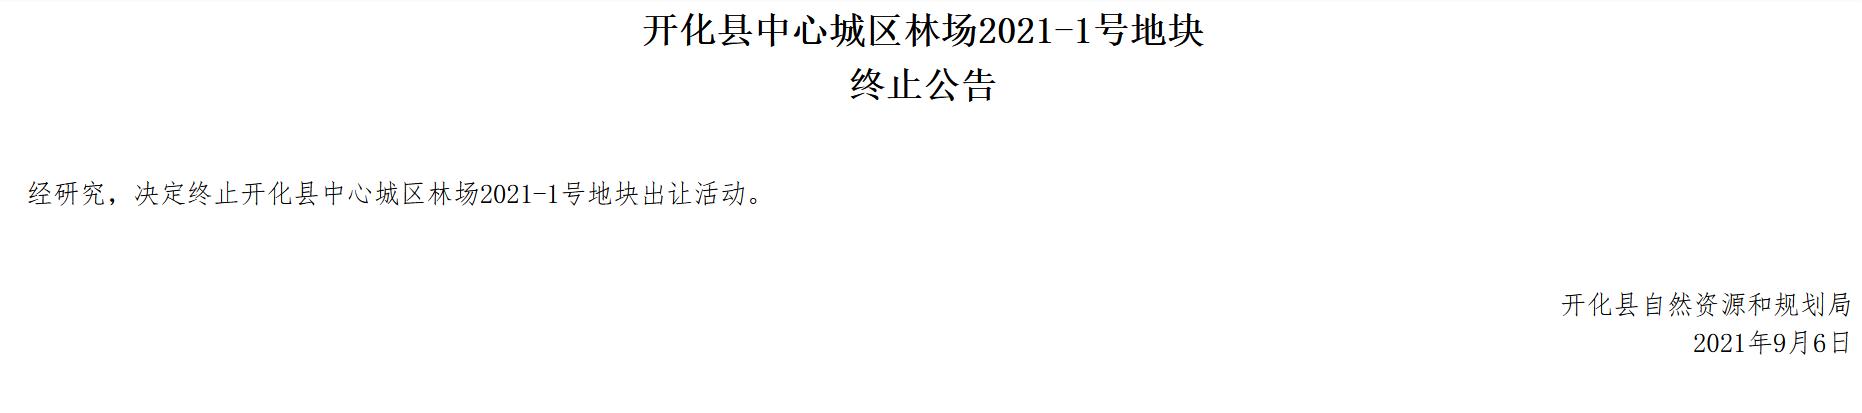 衢州开化1宗住宅用地终止出让 起始价7.03亿元_中国网地产